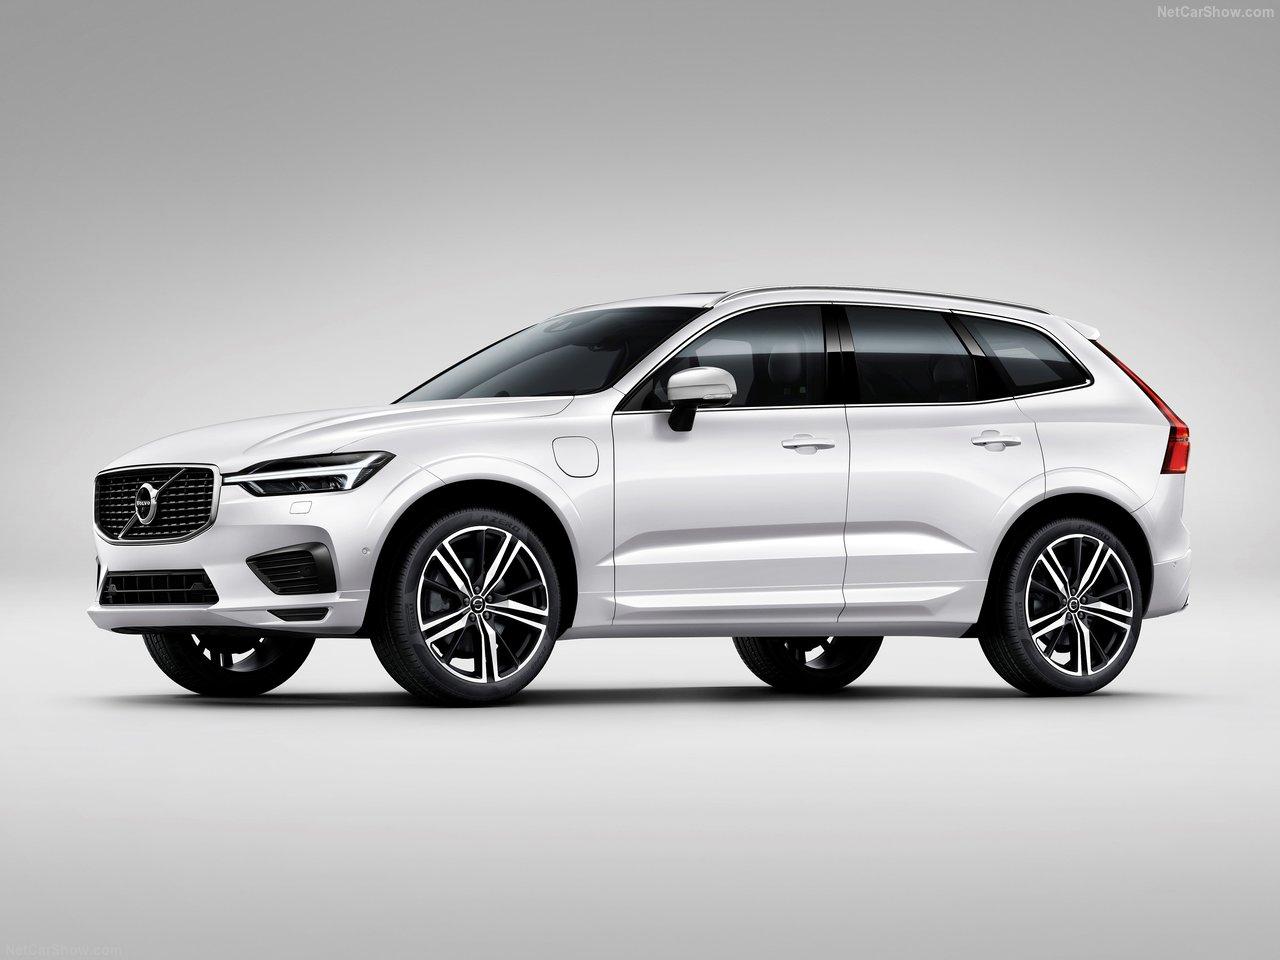 Volvo-XC60-2018-1280-6e